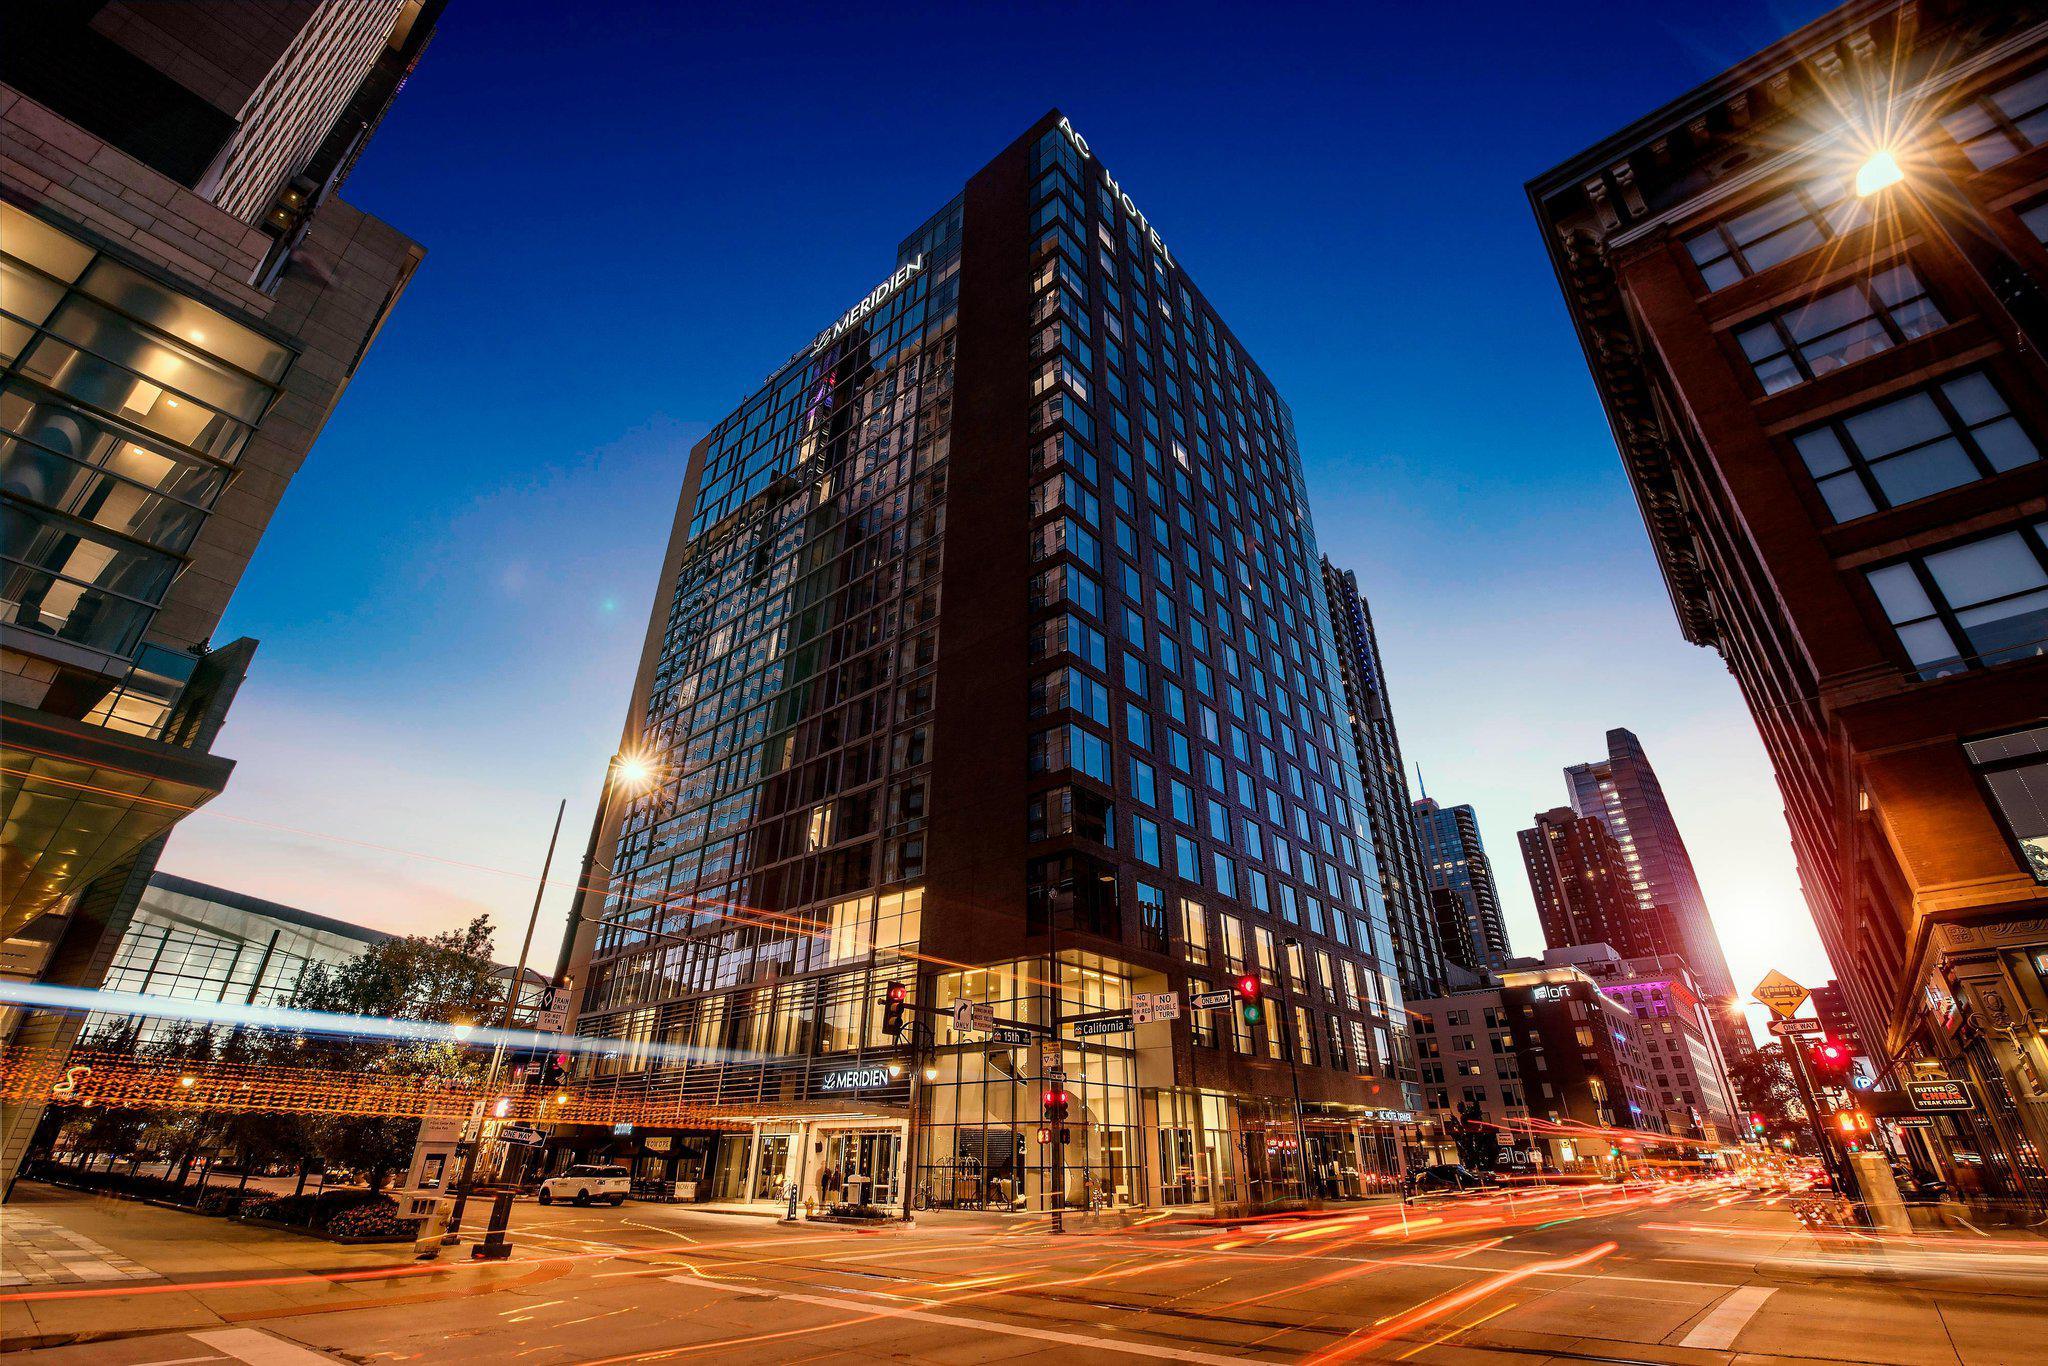 Le Méridien Denver Downtown - OPEN